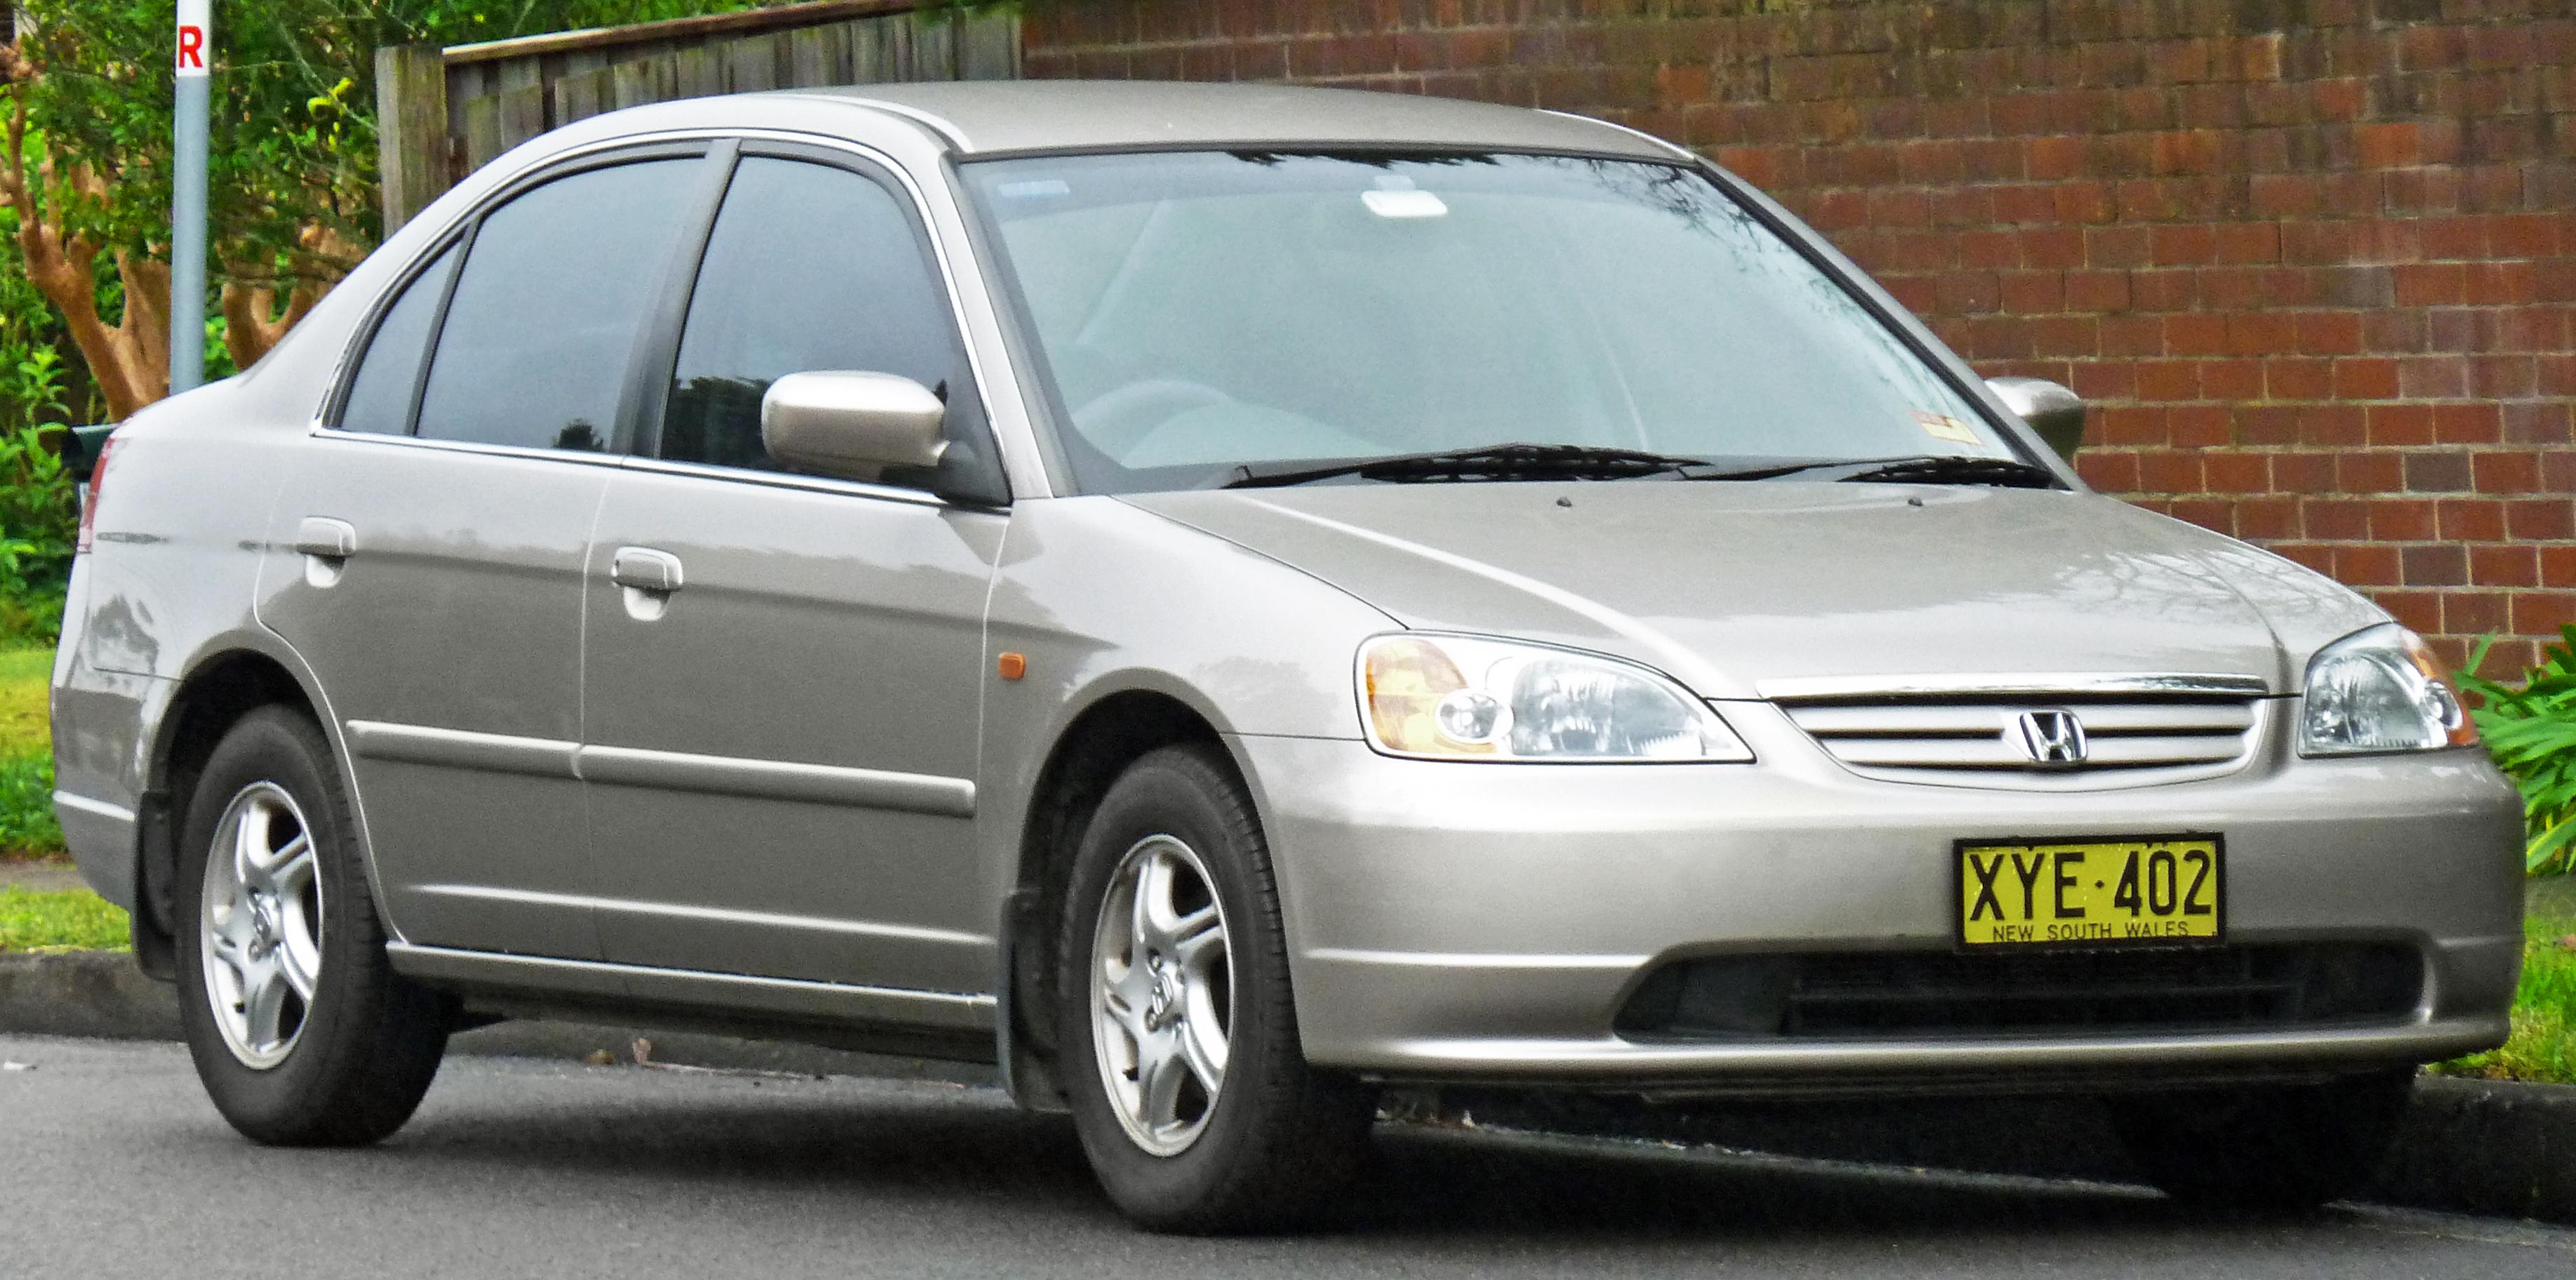 File 2002 Honda Civic  My2002  Gli Sedan  2011-07-17  01 Jpg